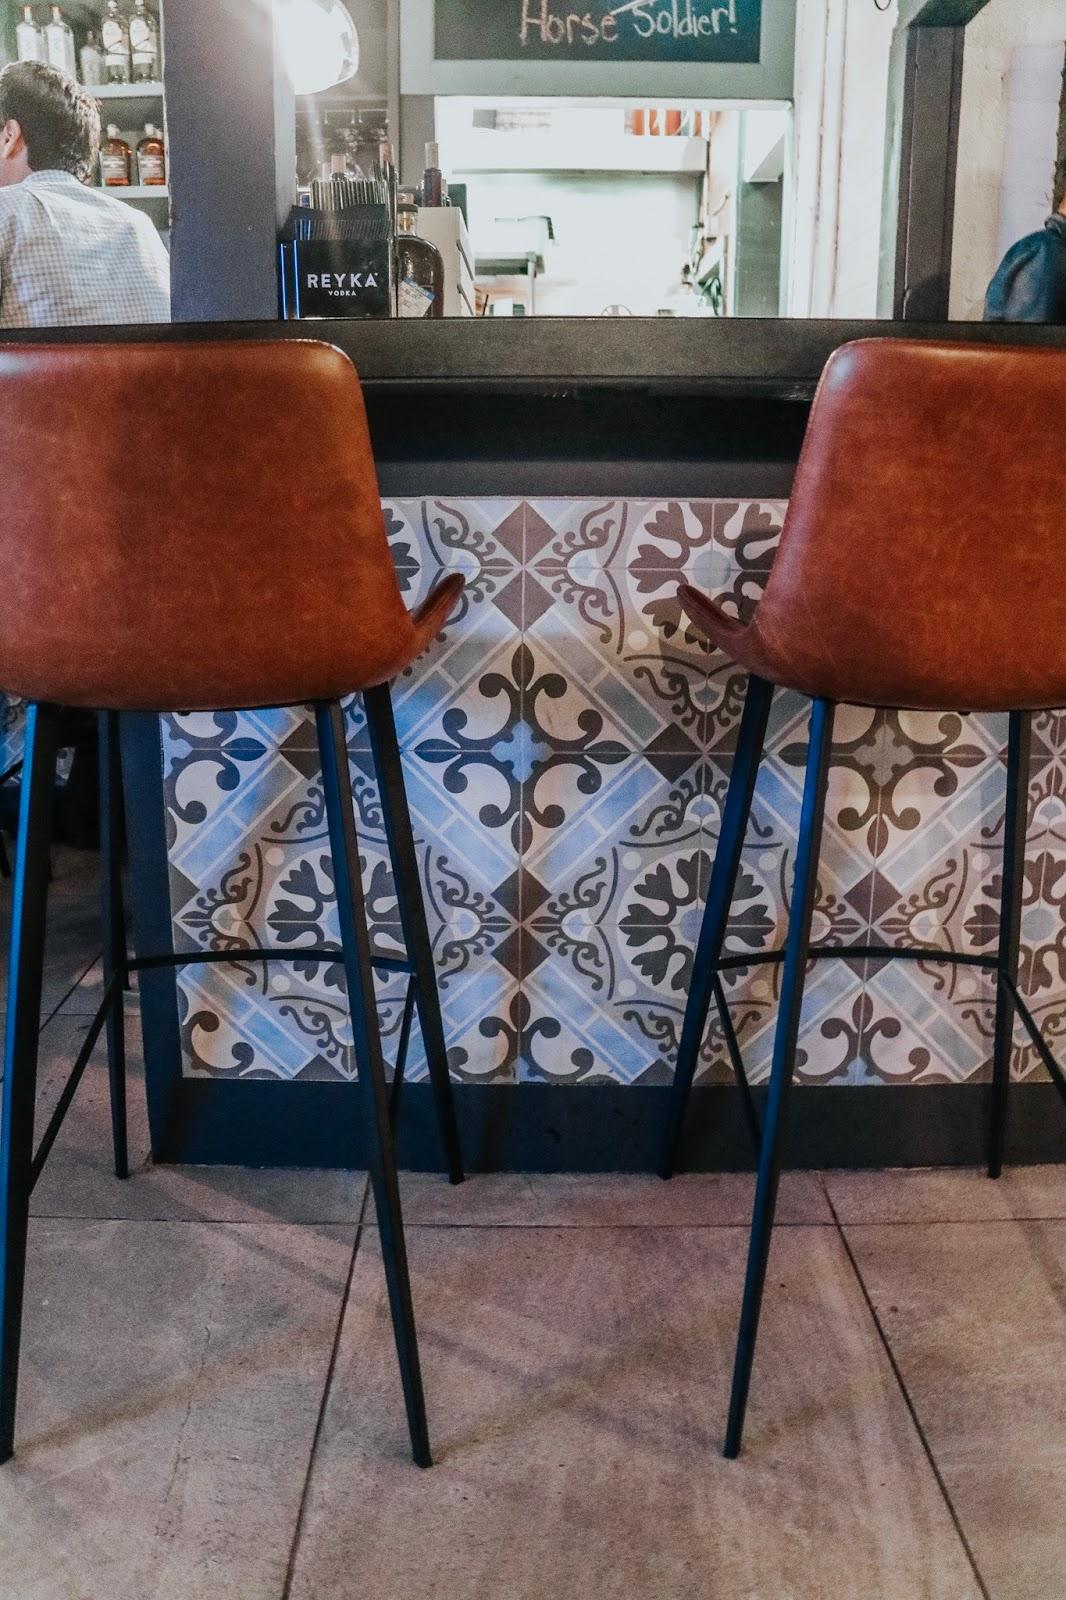 Bar stools and tiled bar decor at boca in Tampa Florida